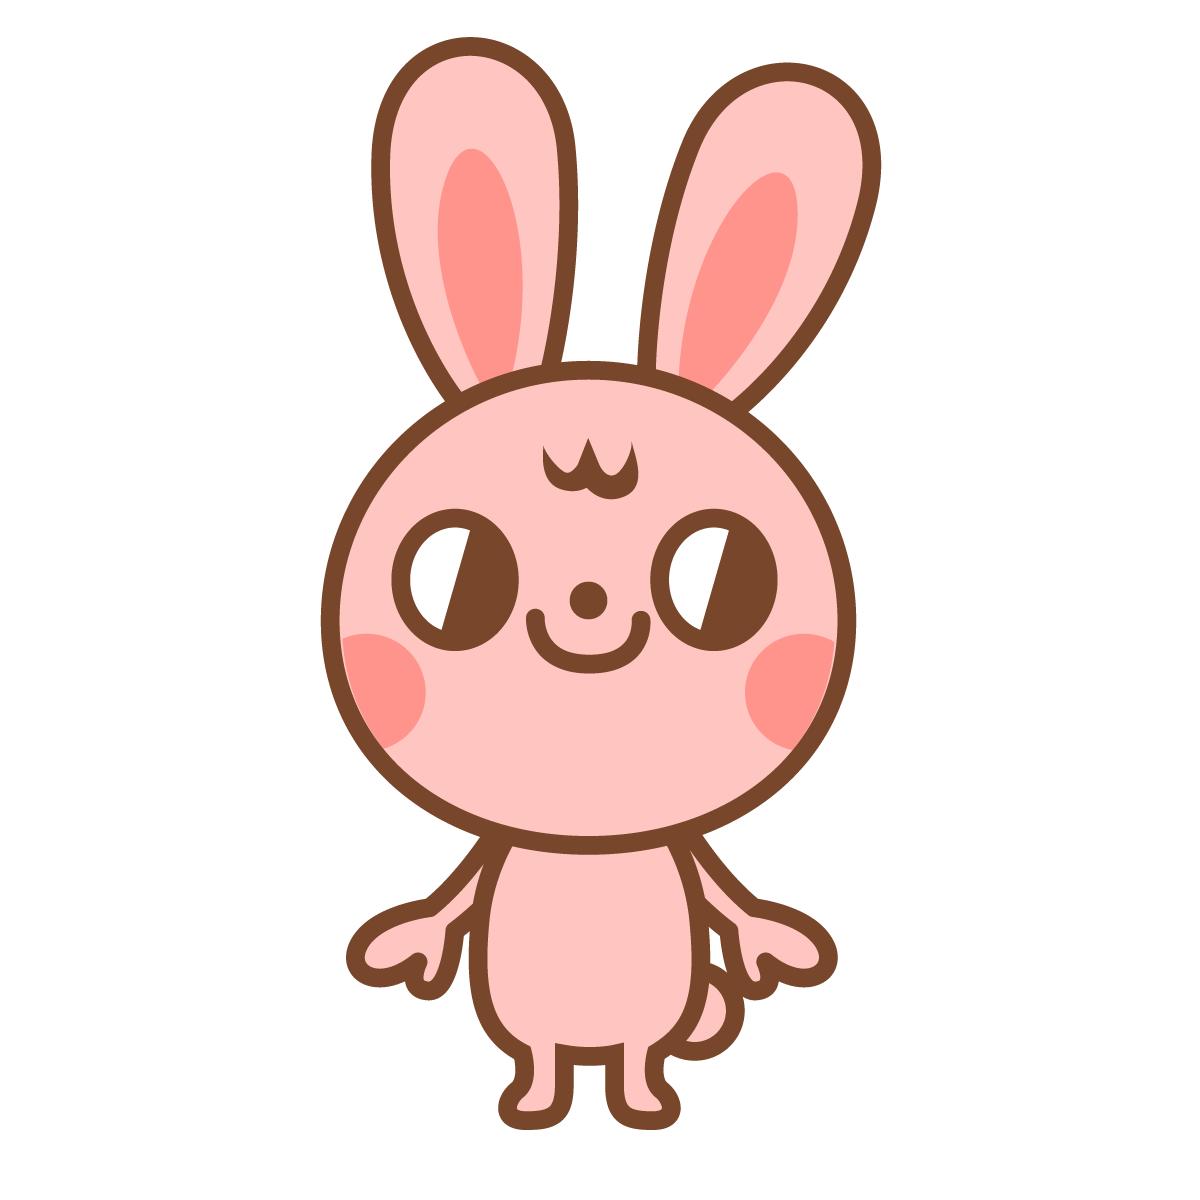 c_rabbit